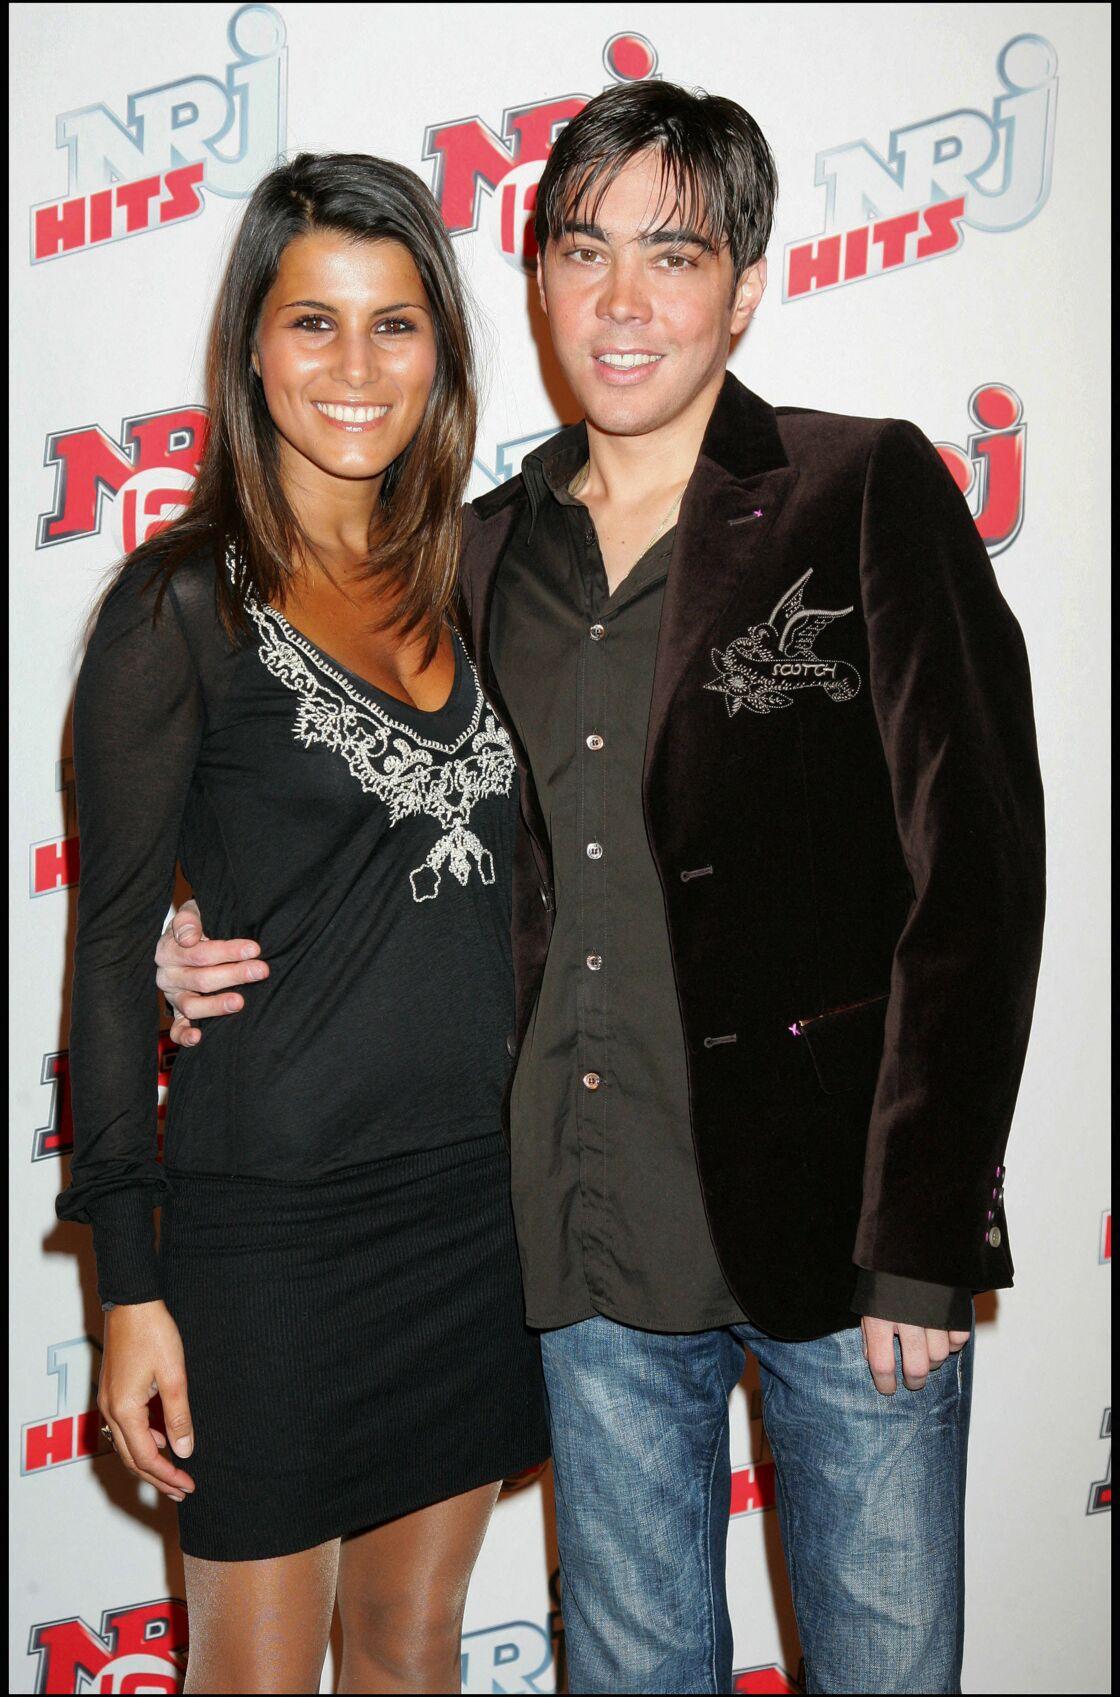 Karine Ferri et Gregory Lemarchal lors de la soirée de lancement de la chaîne NRJ 12, le 23 mars 2007.